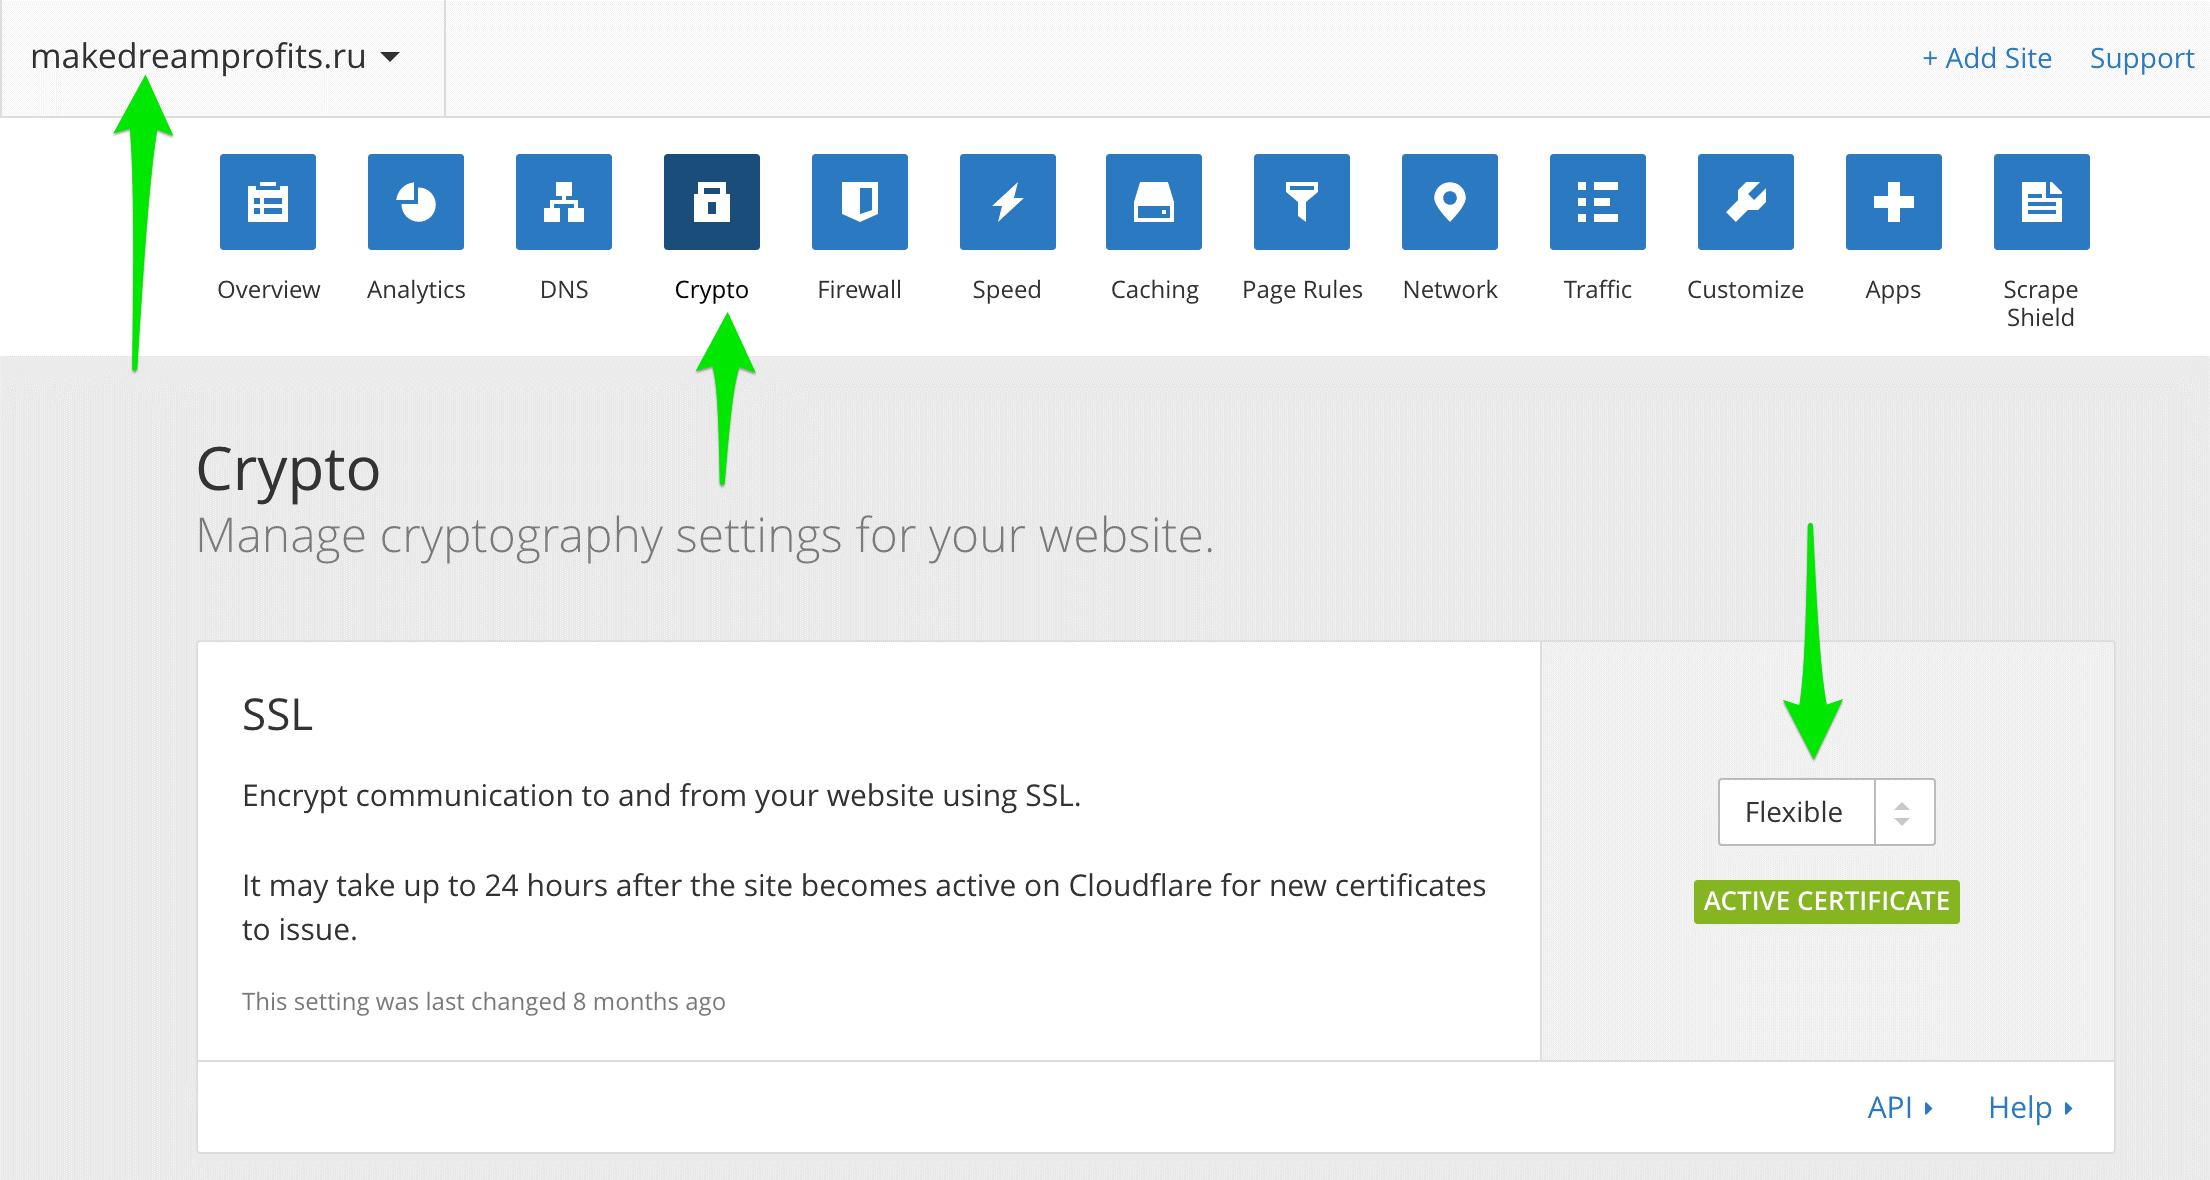 Как получить сертификат SSL бесплатно